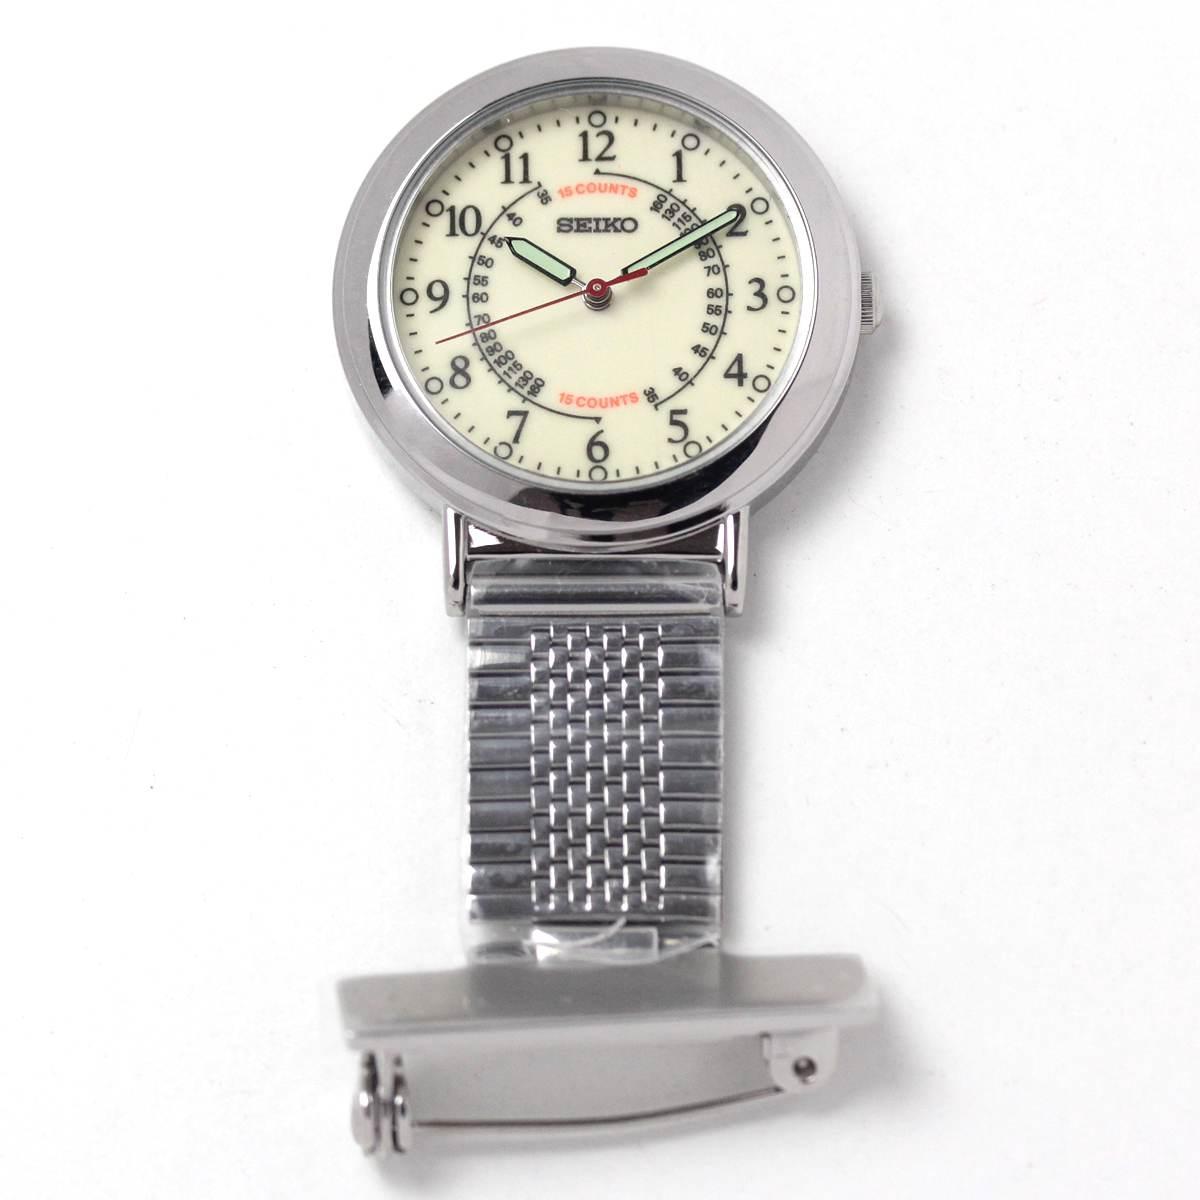 svfq003 セイコーナースウォッチ 看護師の方の時計